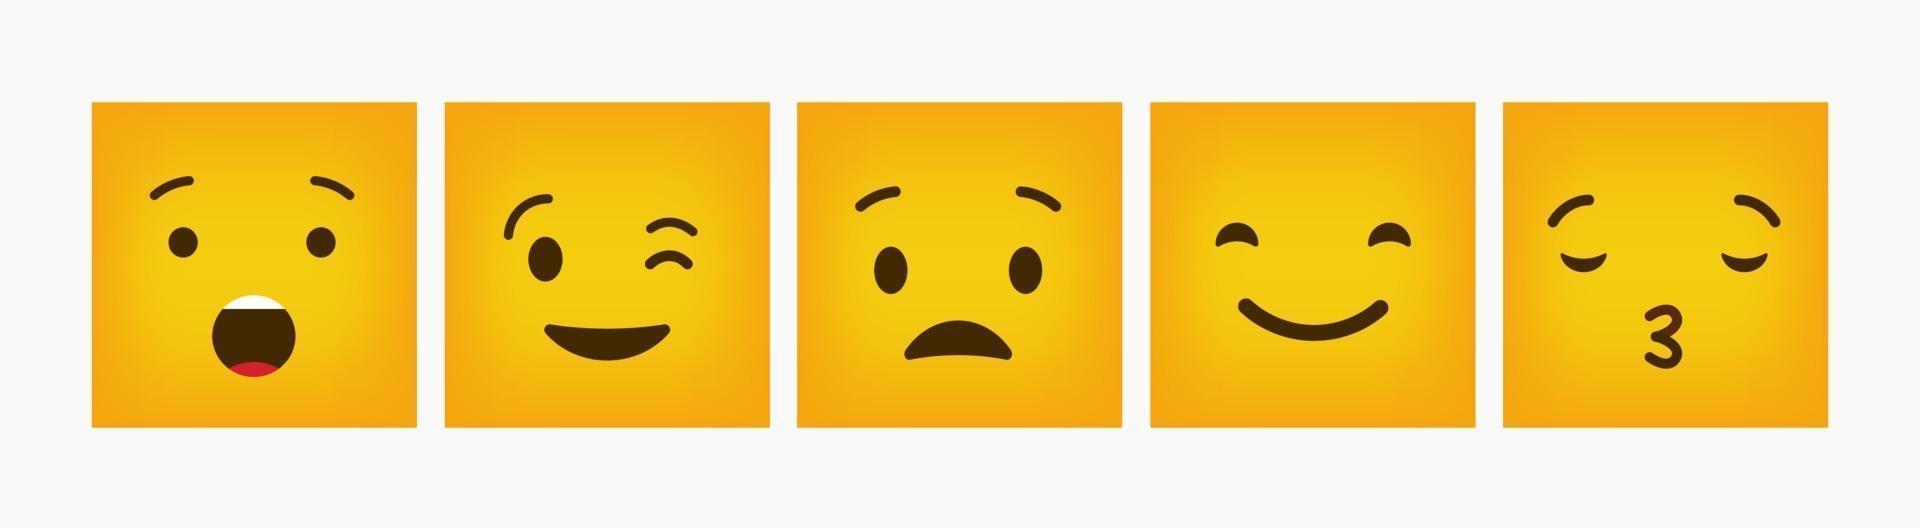 Ensemble carré plat de conception de réaction émoticône vecteur